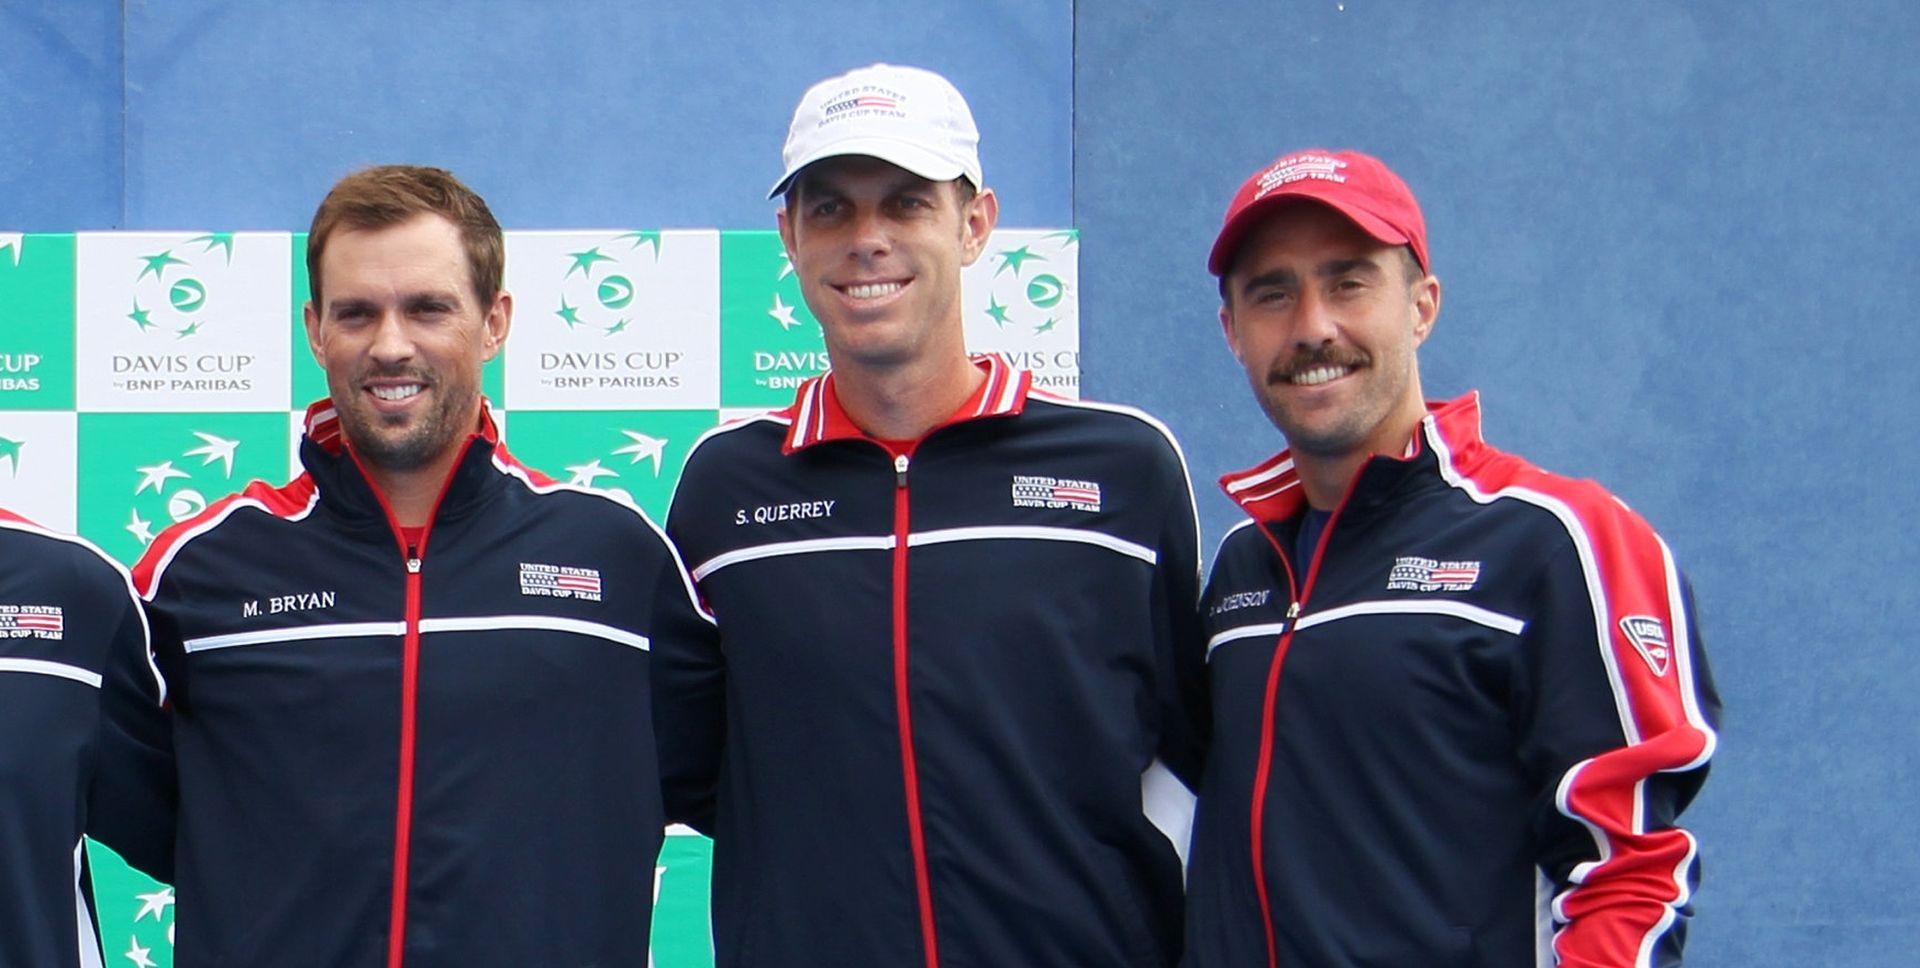 Davis Cup: Querrey umjesto Johnsona protiv Čilića